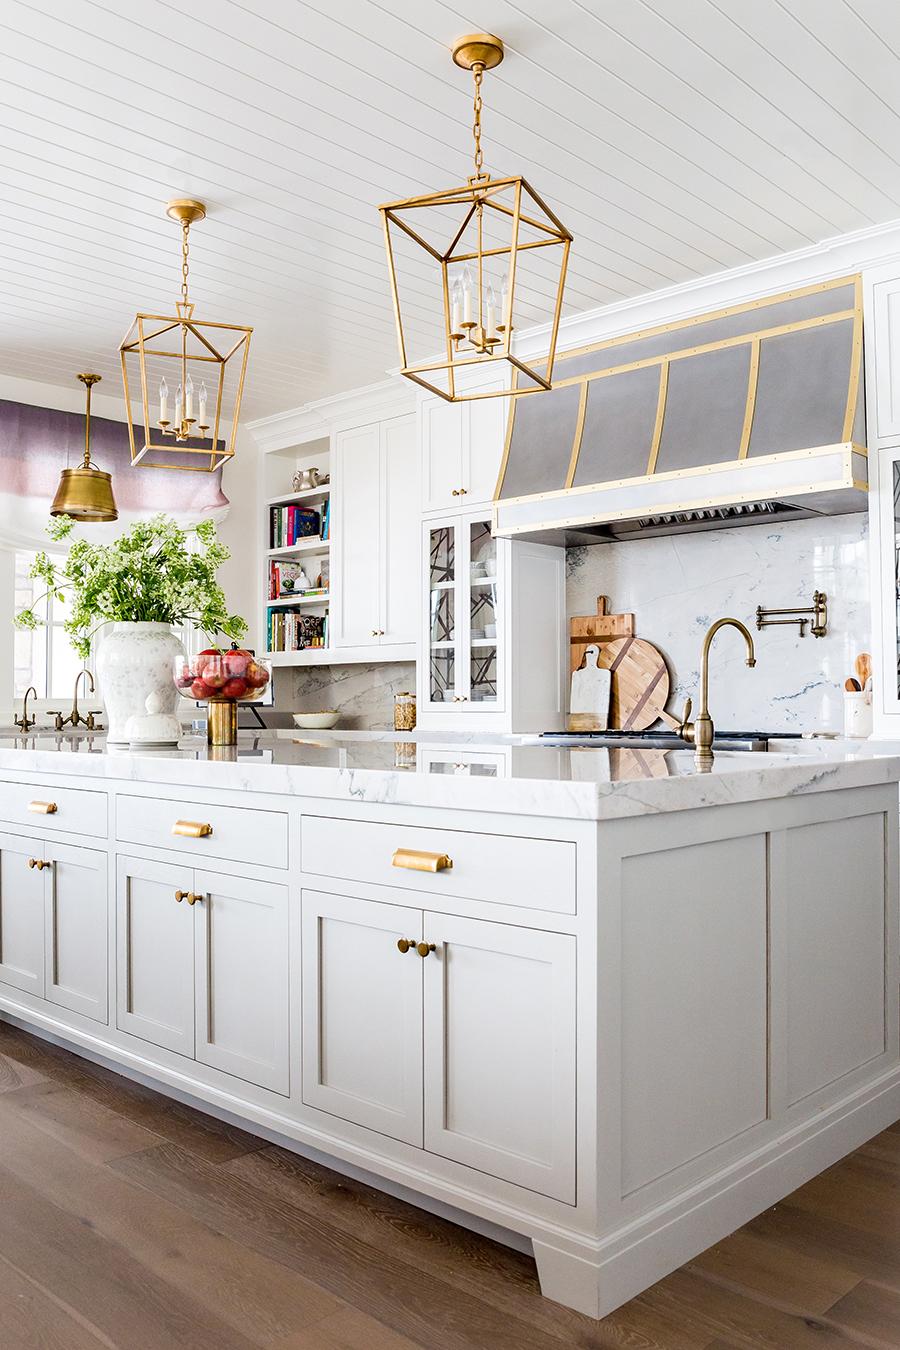 Matte gold hardware in white kitchen